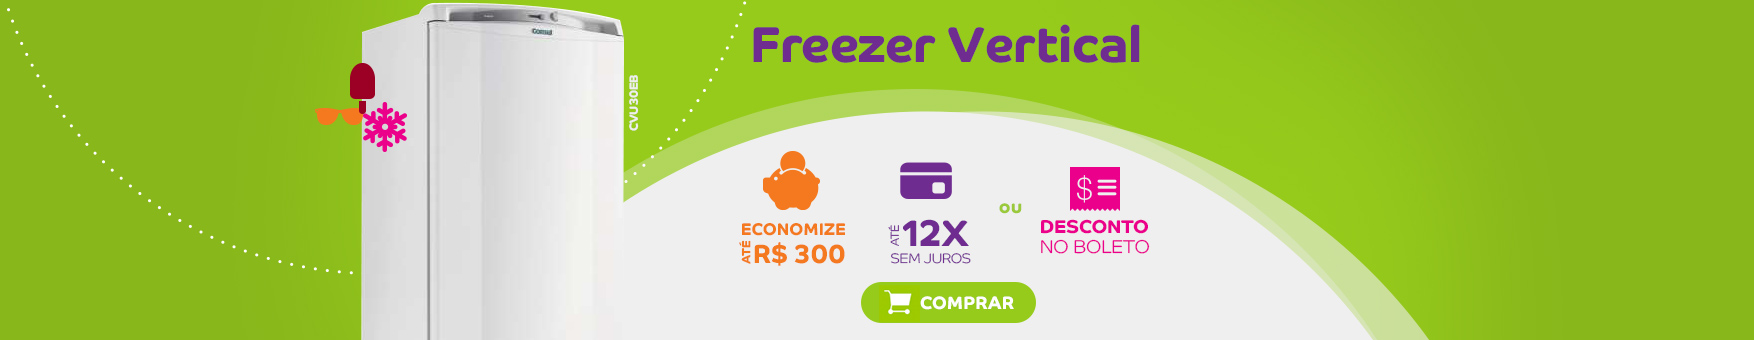 Promoção Interna - 106 - categoria_freezervertical_home_1071015 - freezervertical - 2